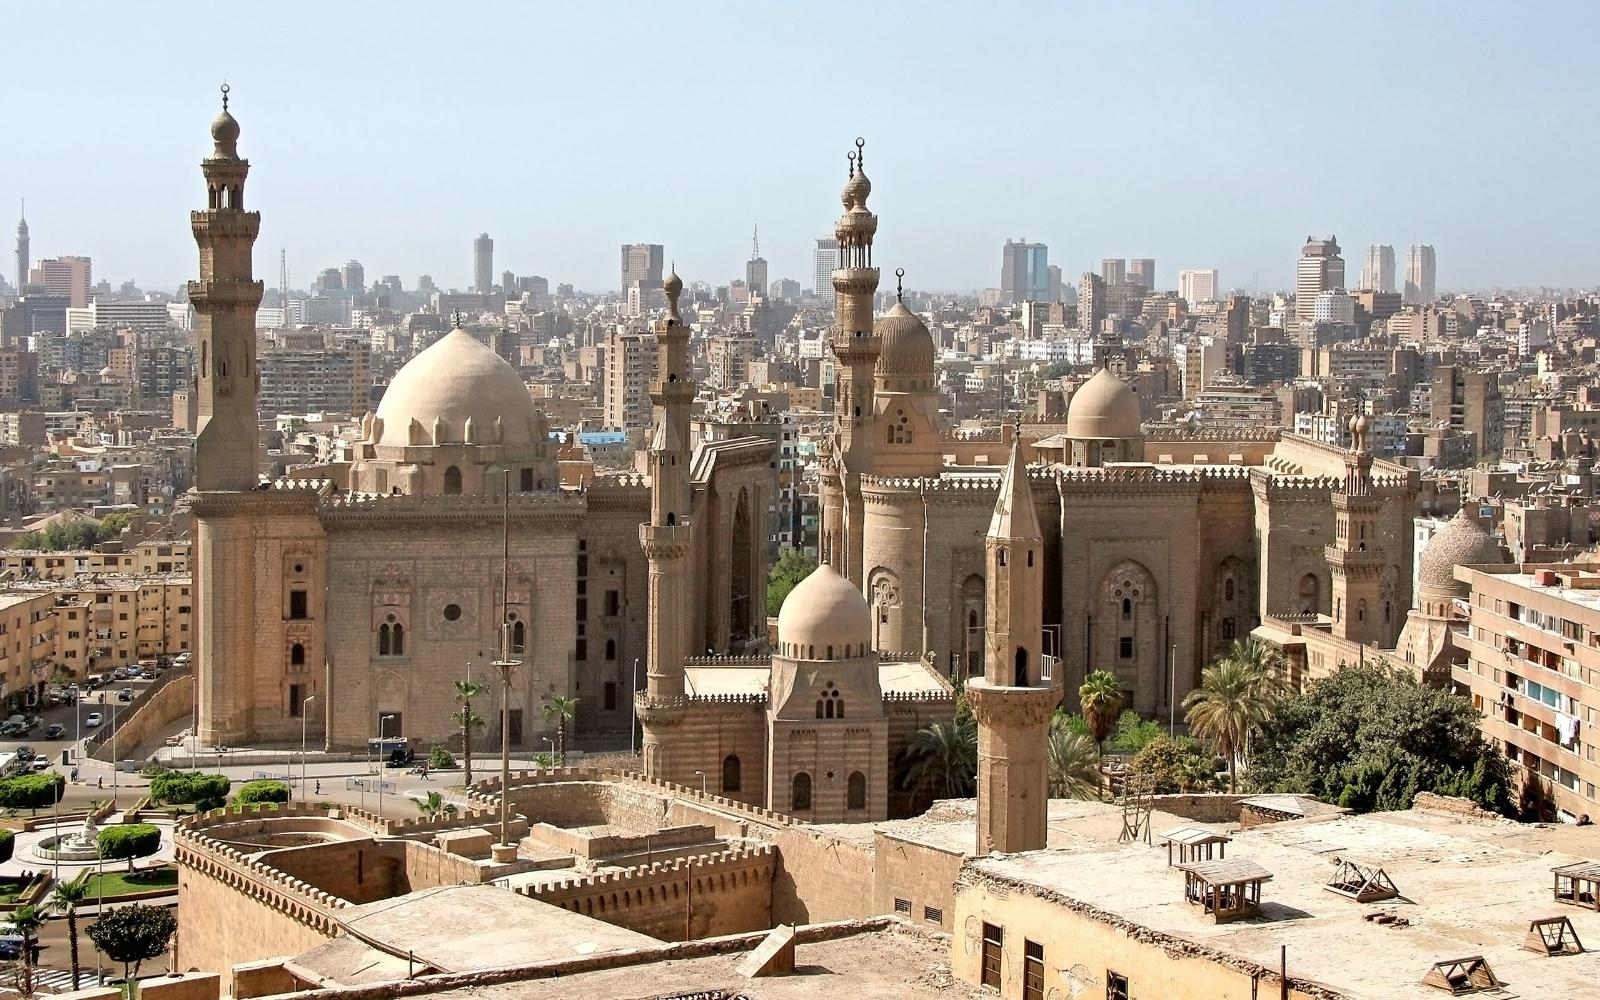 Казахстан выделил $4,5 млн на реконструкцию мечети Султана Бейбарса в Каире